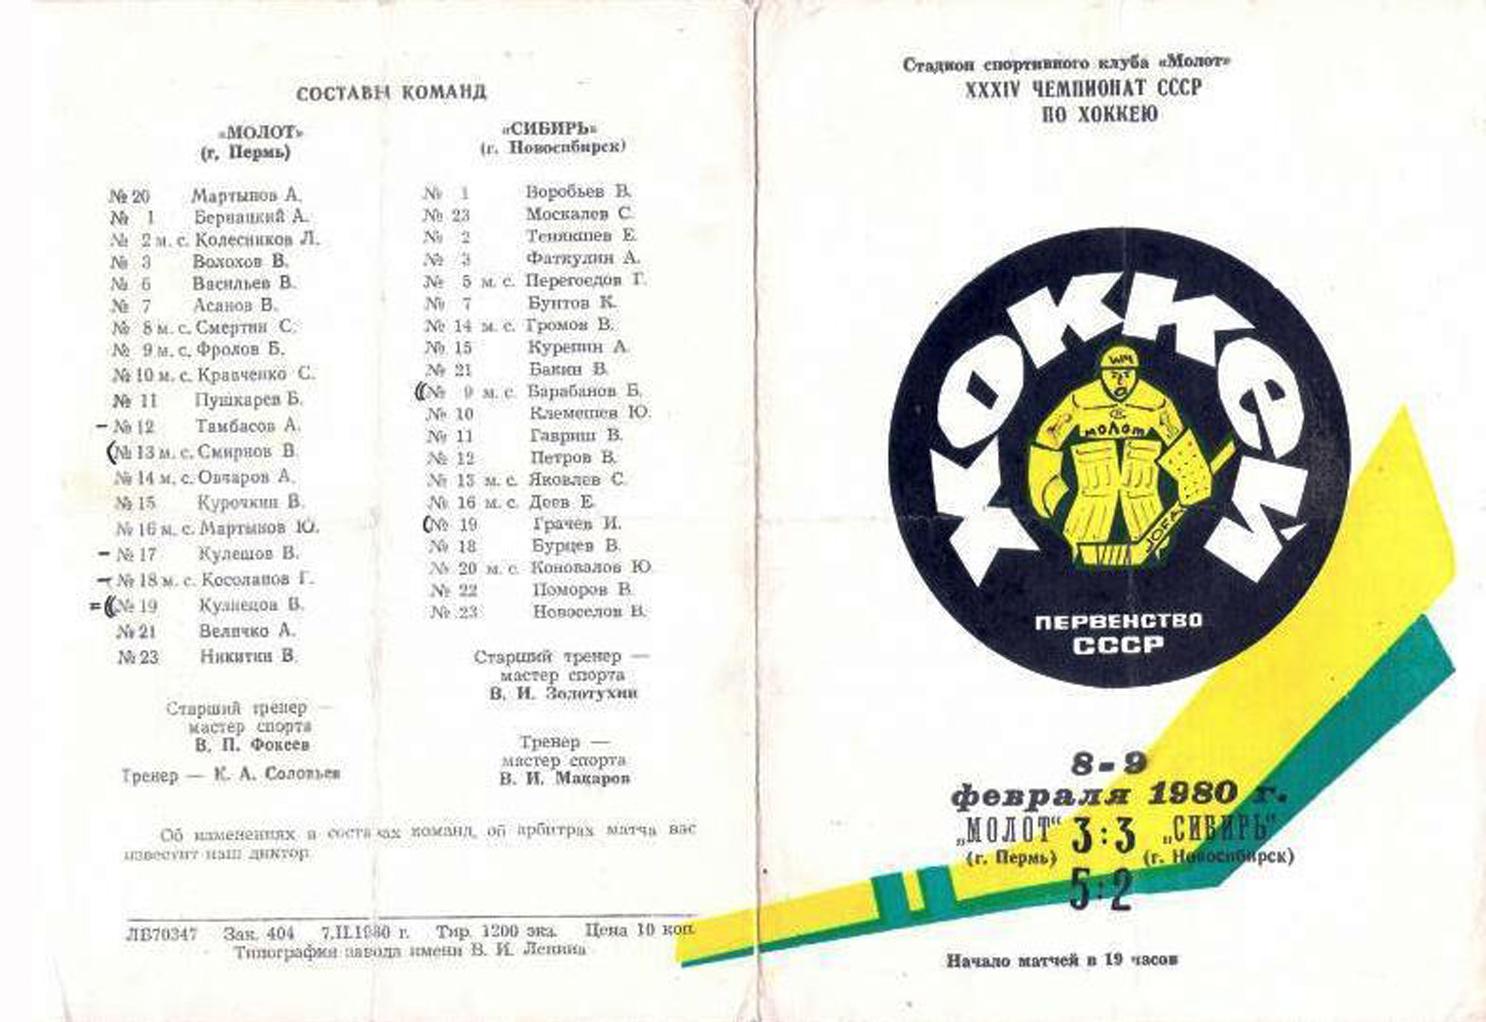 8-9.02-1980.jpg